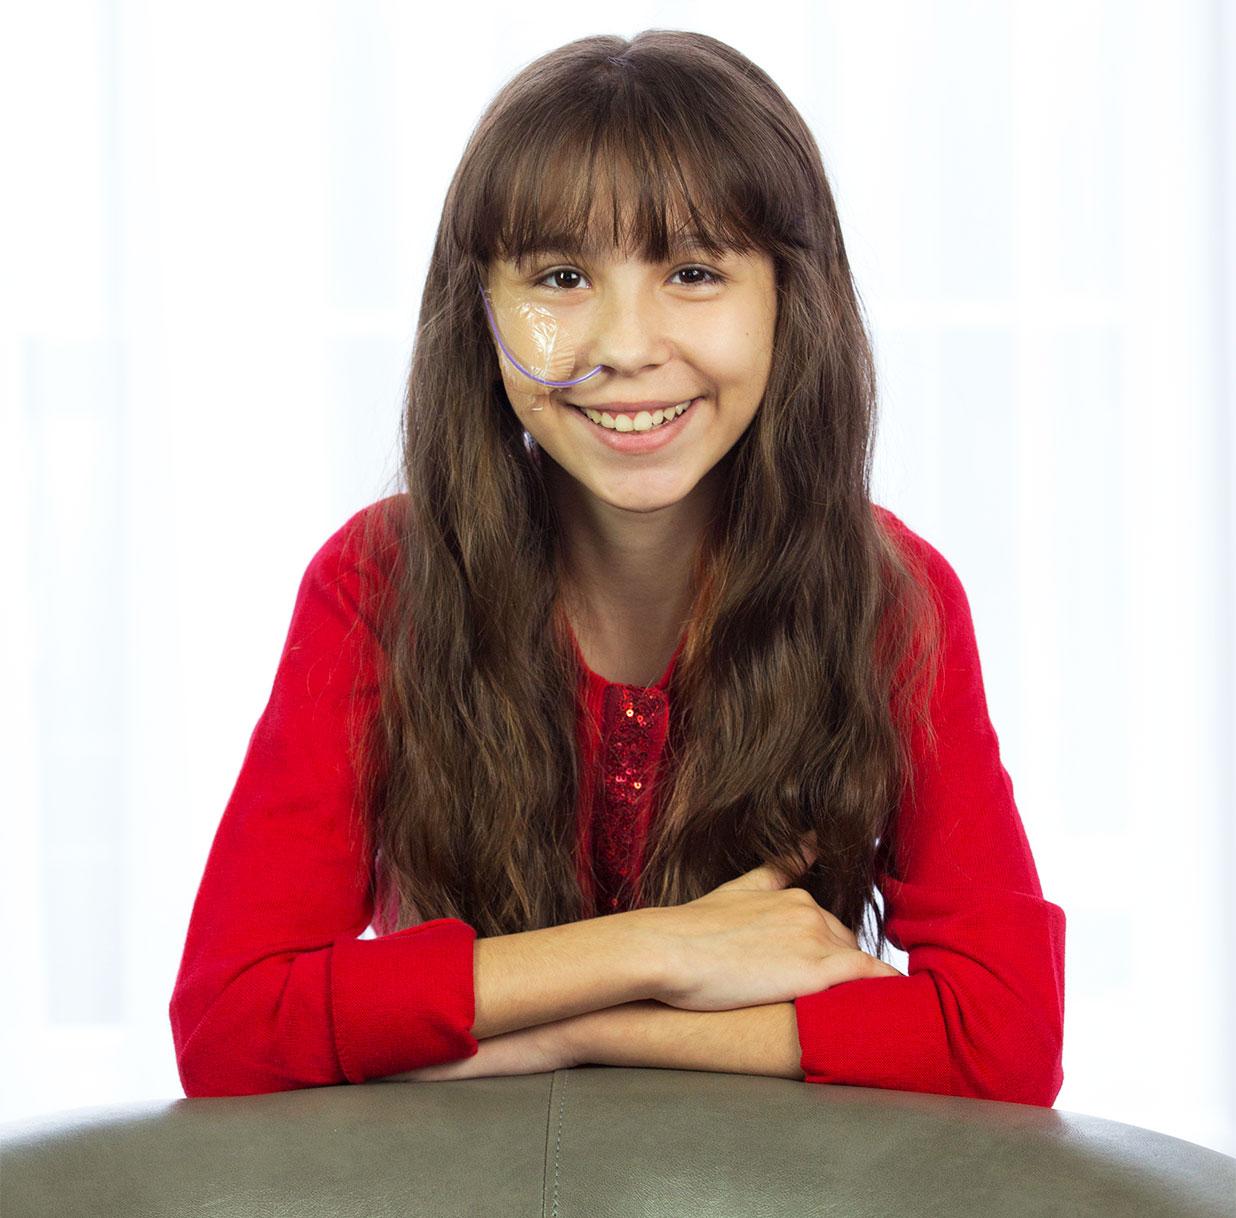 Sammi-Jo qui sourit